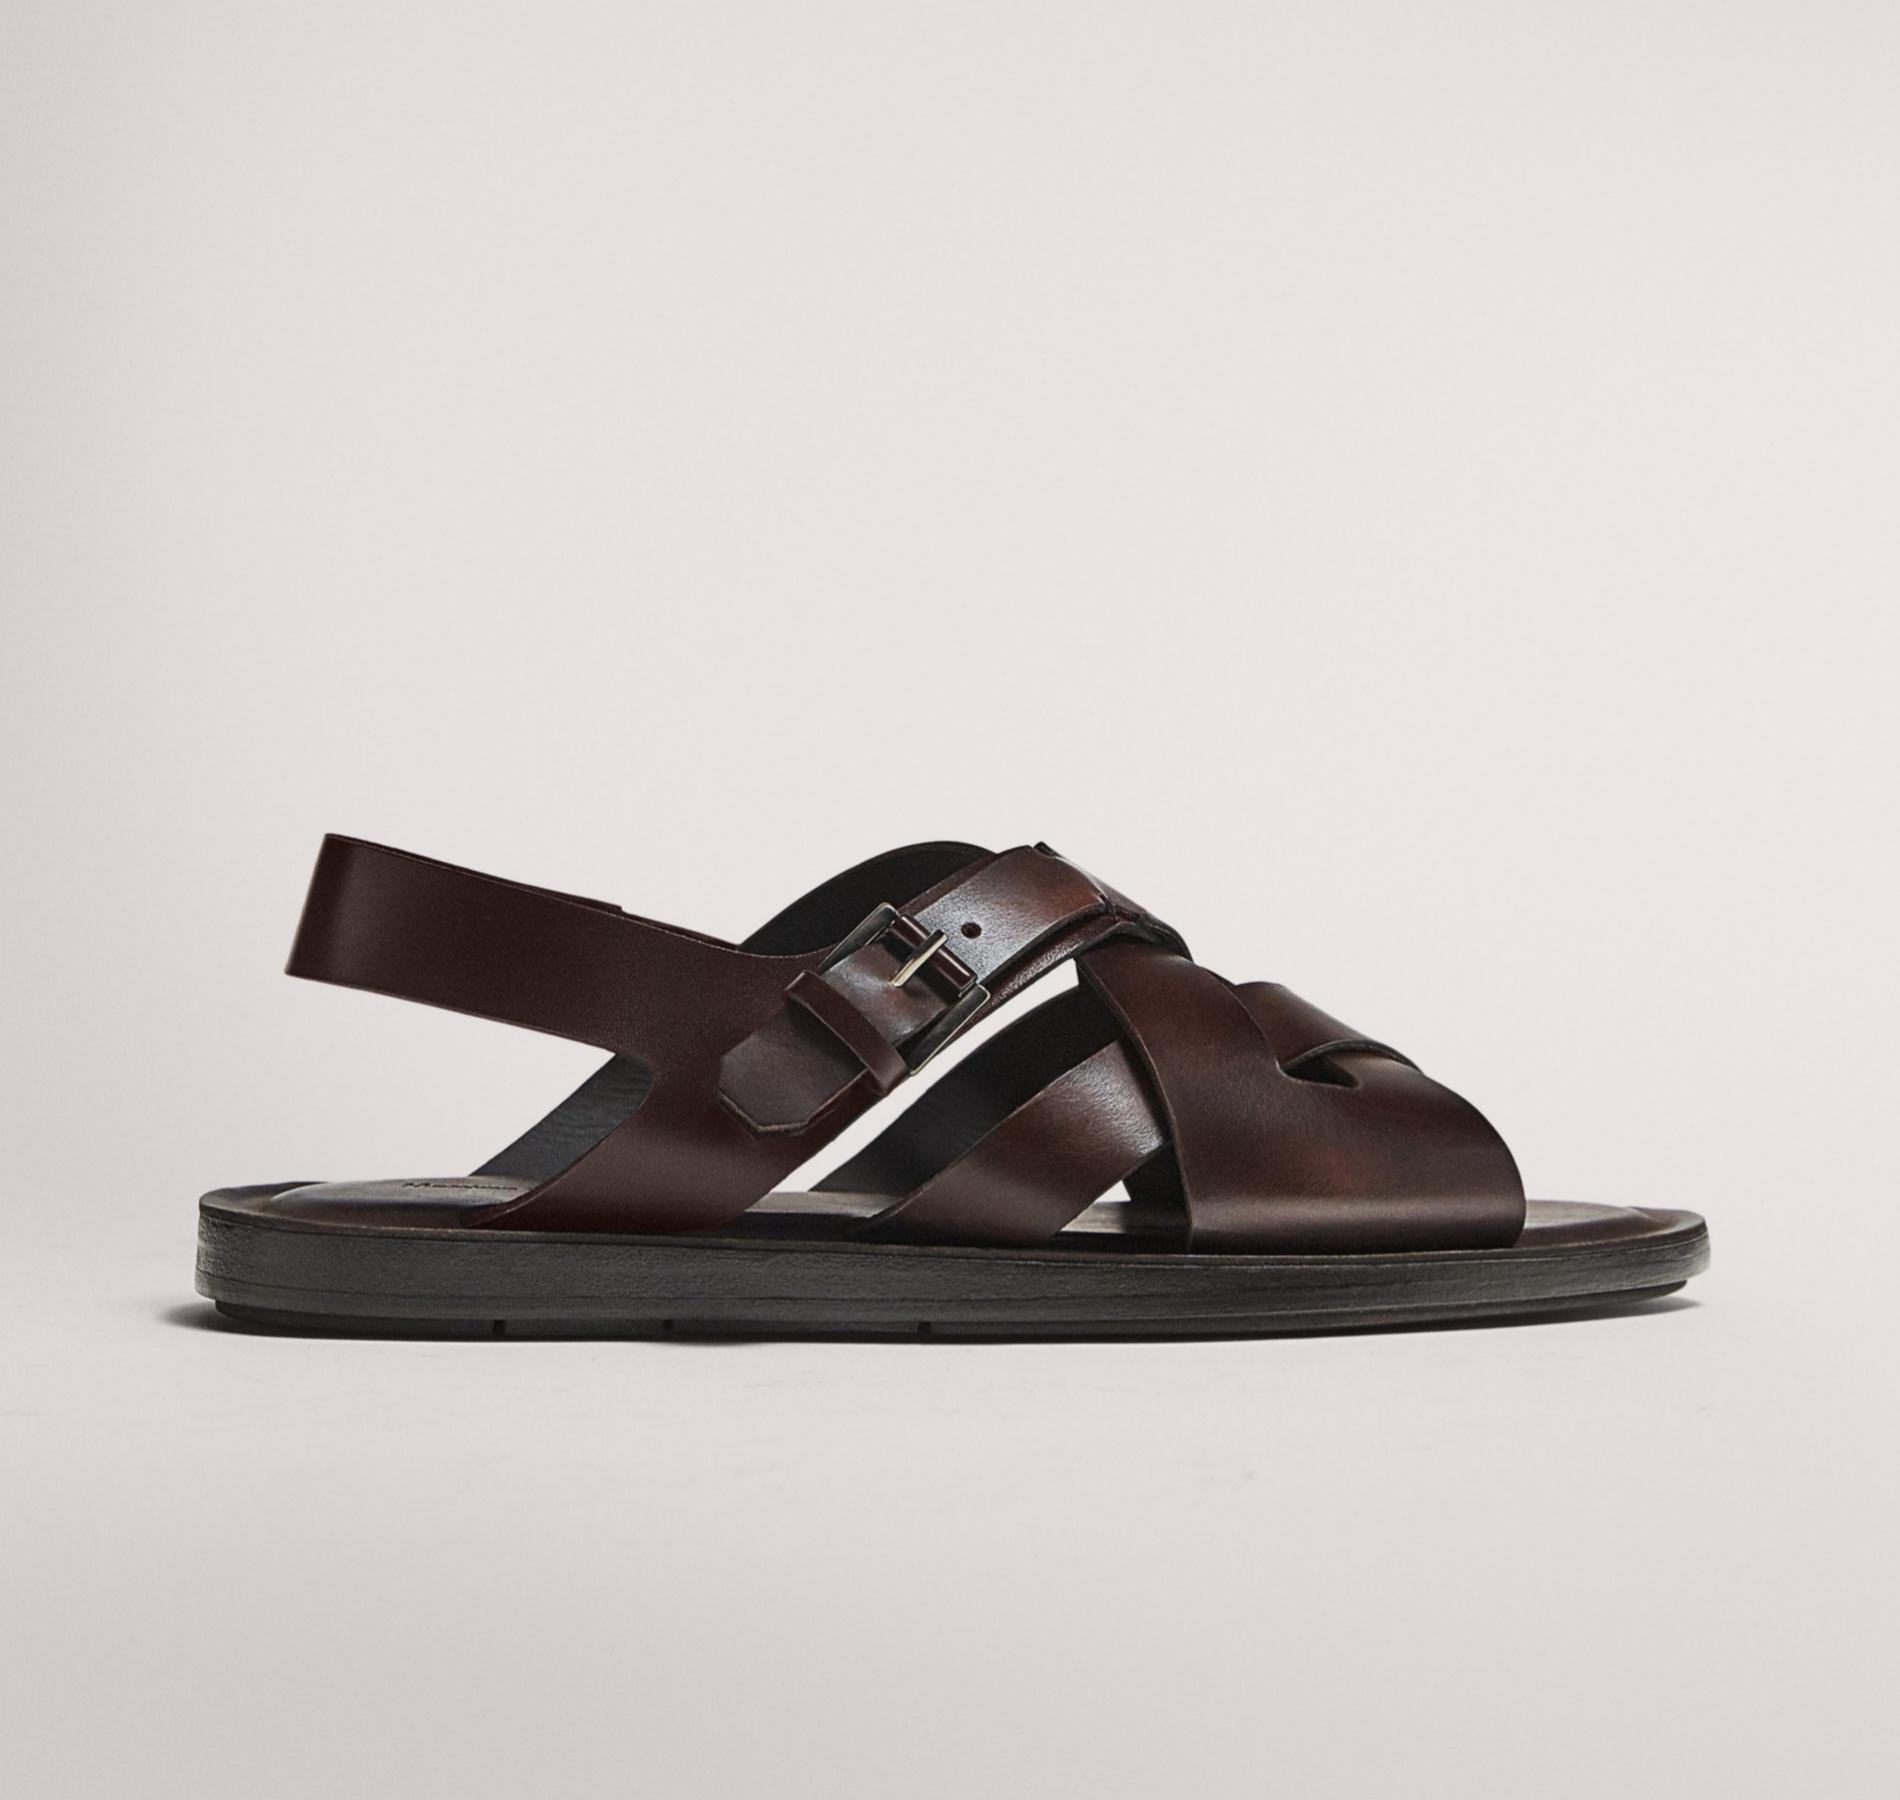 Estas sandalias de tiras en piel cepillada pueden dar un toque...